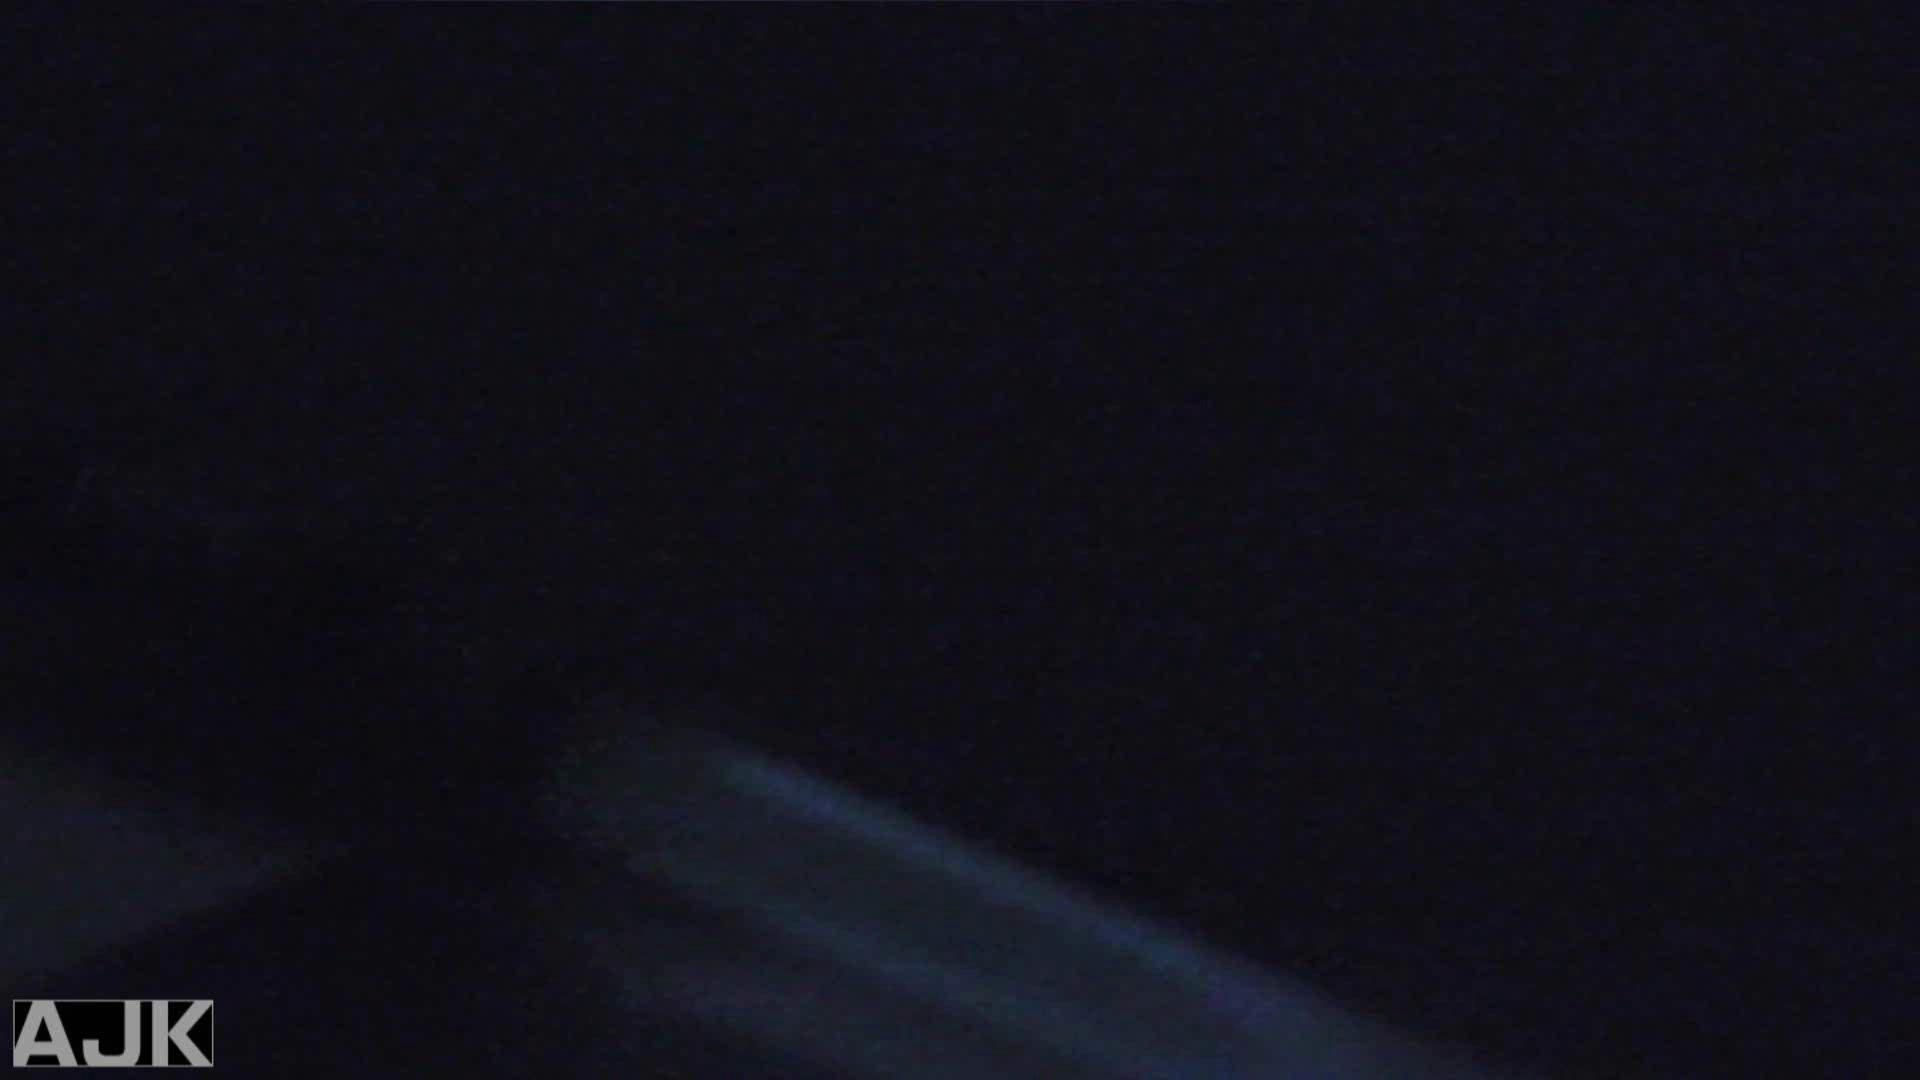 神降臨!史上最強の潜入かわや! vol.05 肛門流出 おまんこ無修正動画無料 92連発 90